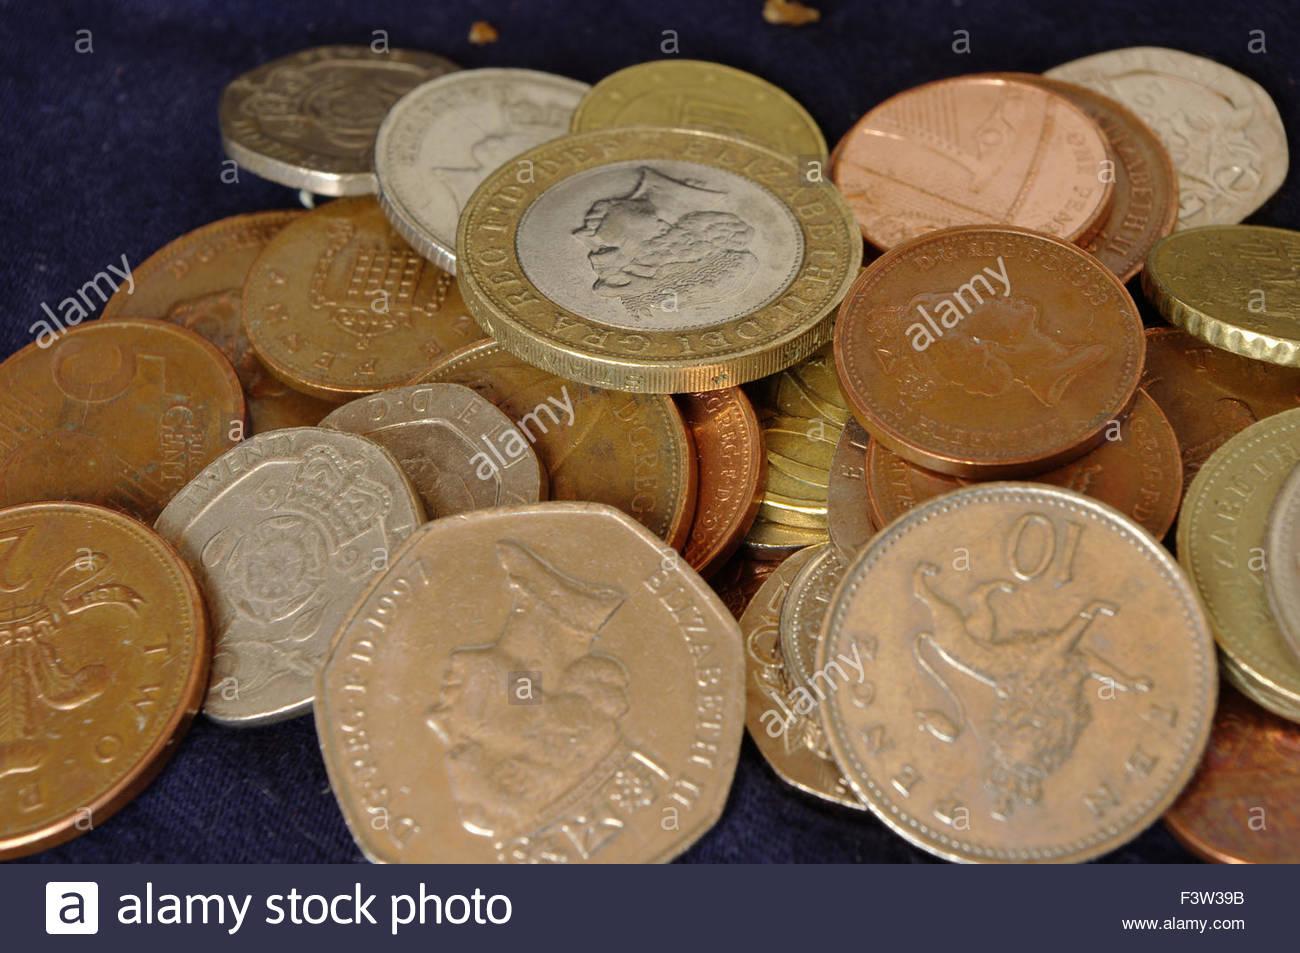 60165b0548 MONEY business economia commercio euro $ £ all'esportazione in valuta  estera denaro contante mans lato cambio moneta monete note nota di credito  crunch ...